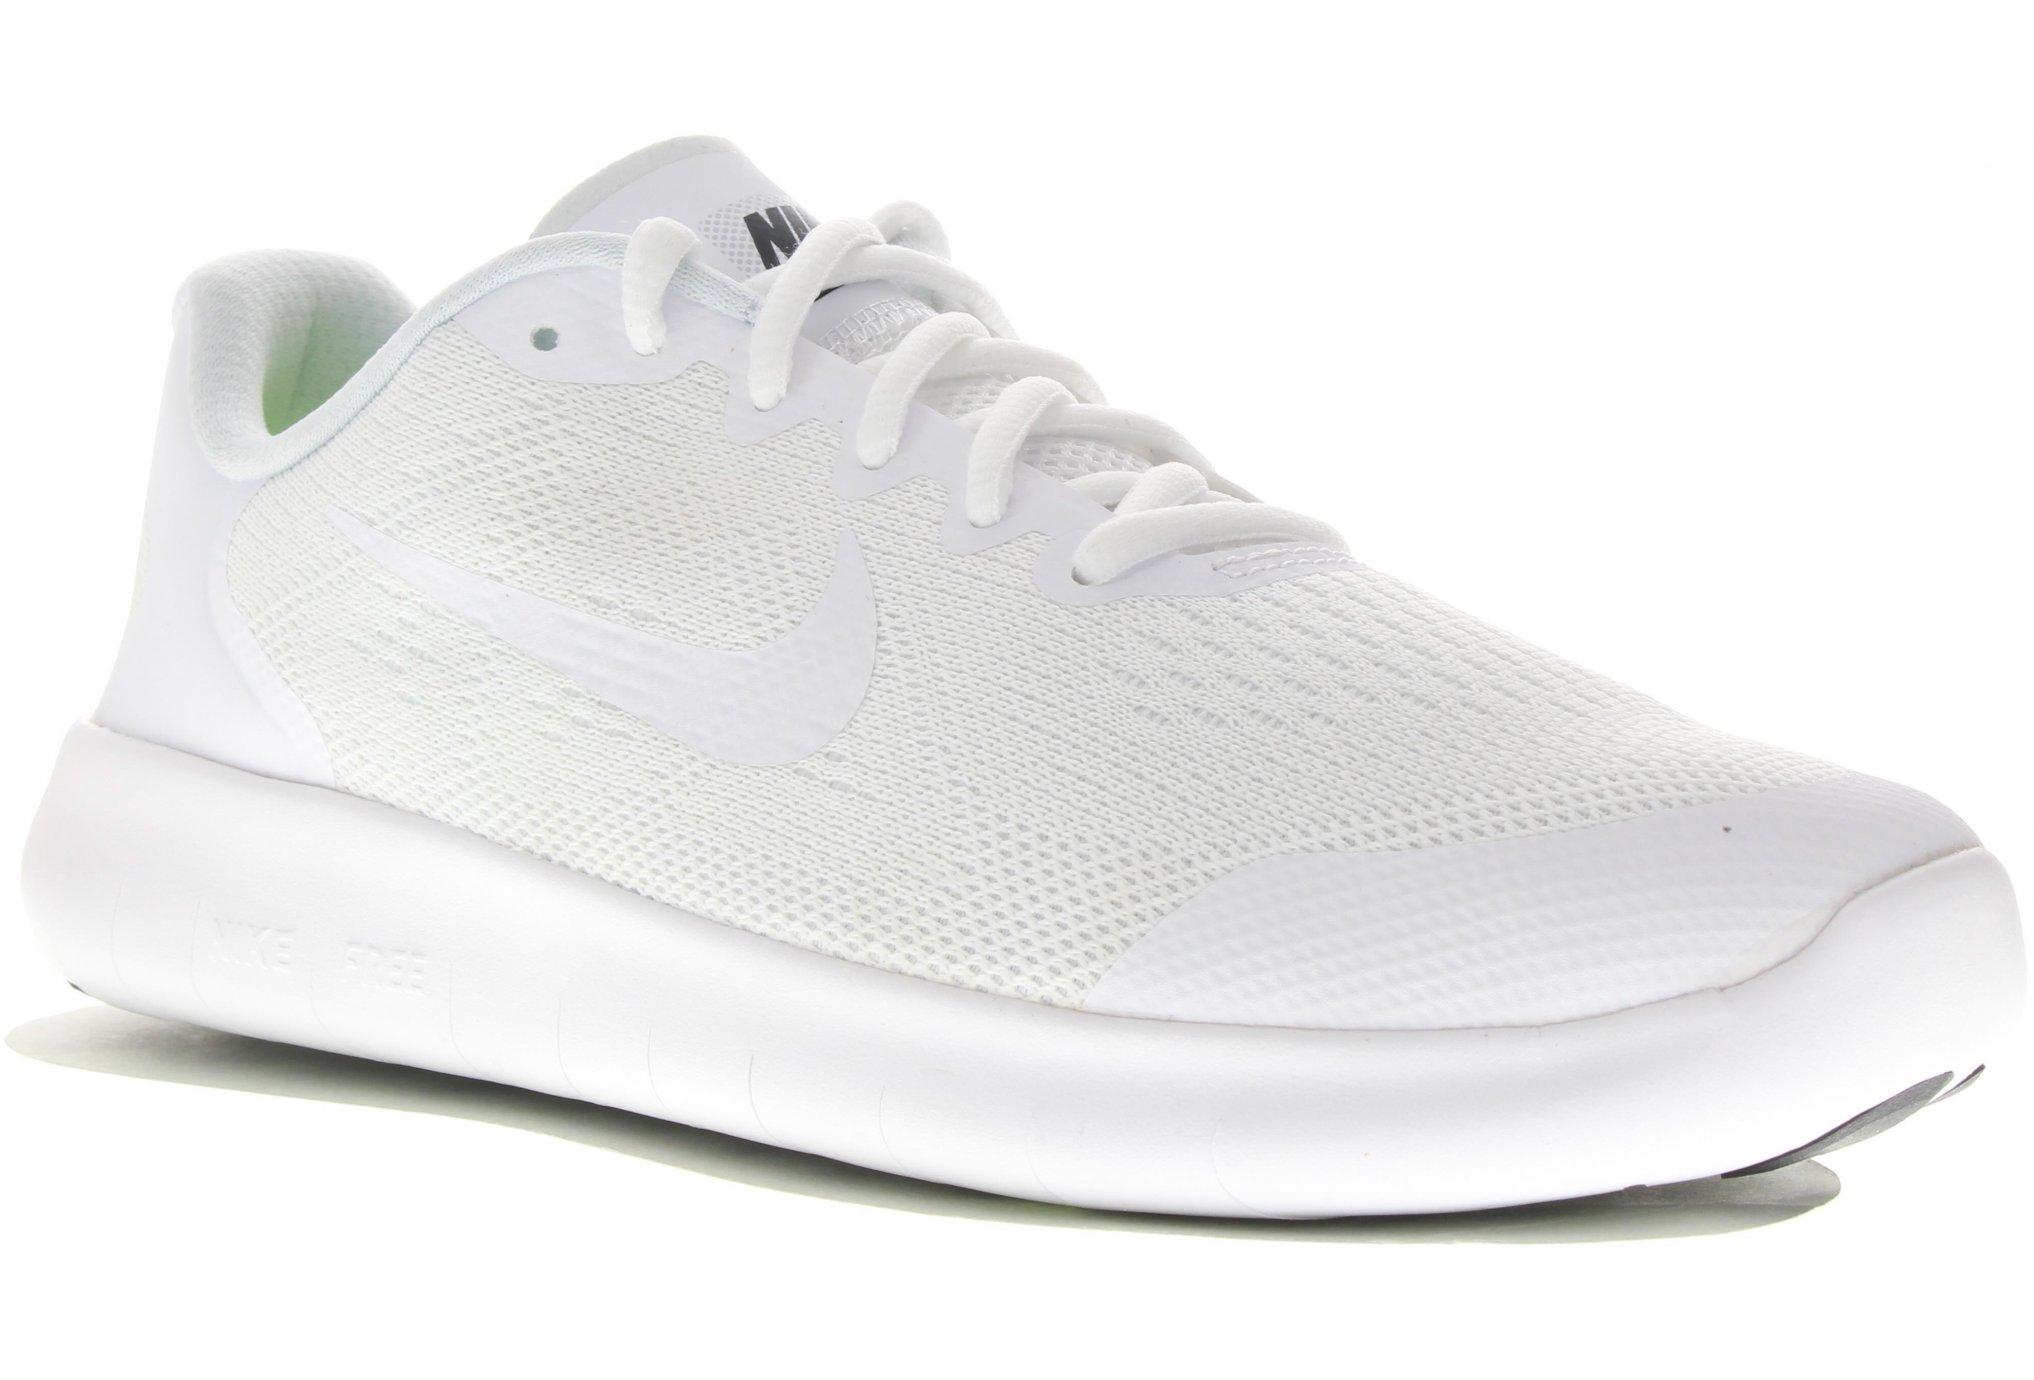 Nike Free RN GS Diététique Chaussures homme